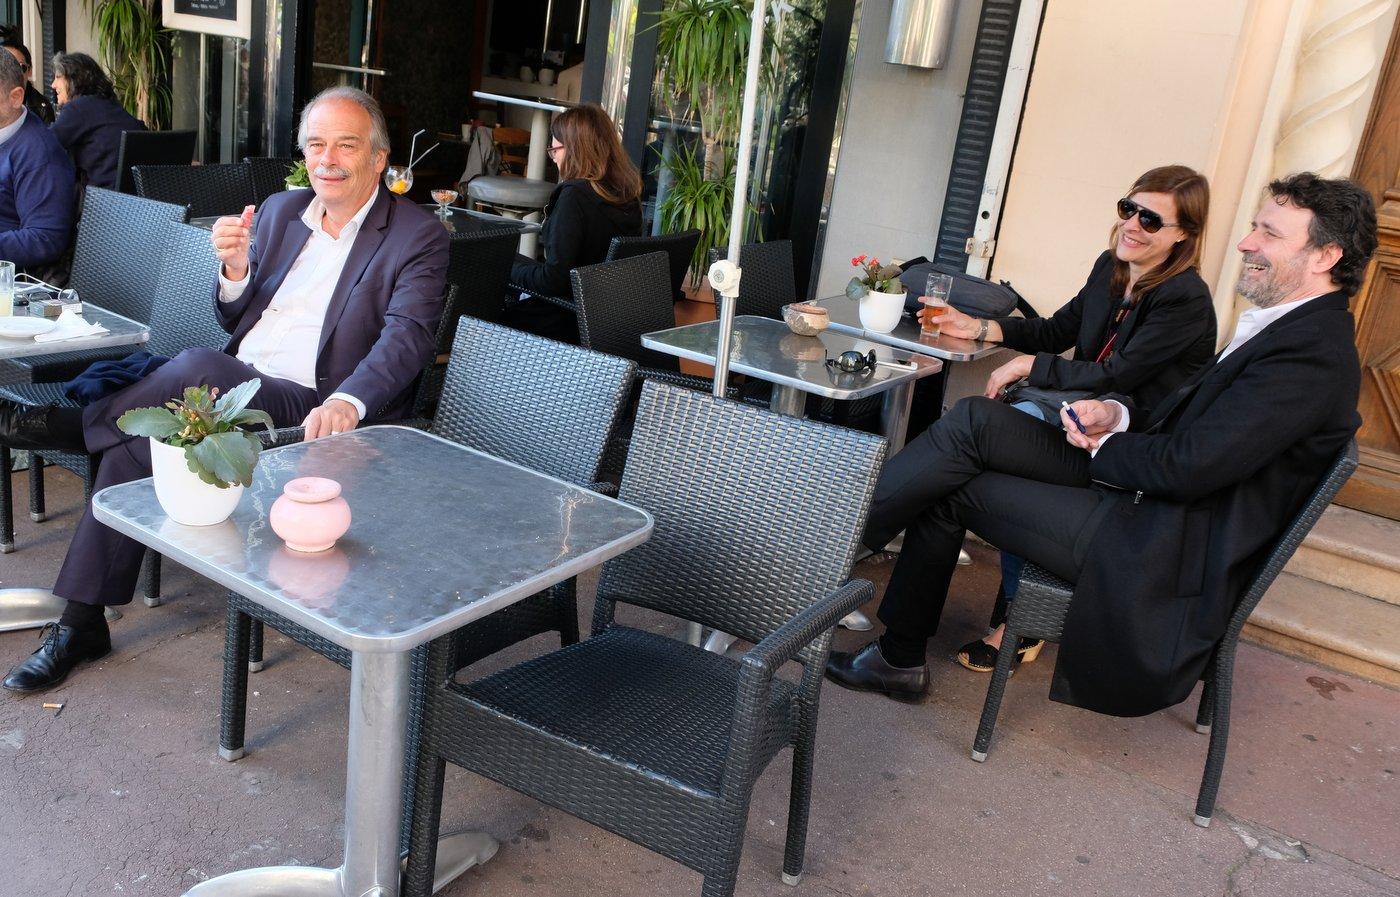 En Terrasse Lavoignat parlera t il a Christophe Carriere du film Moldave? Cannes 6 eme jour...